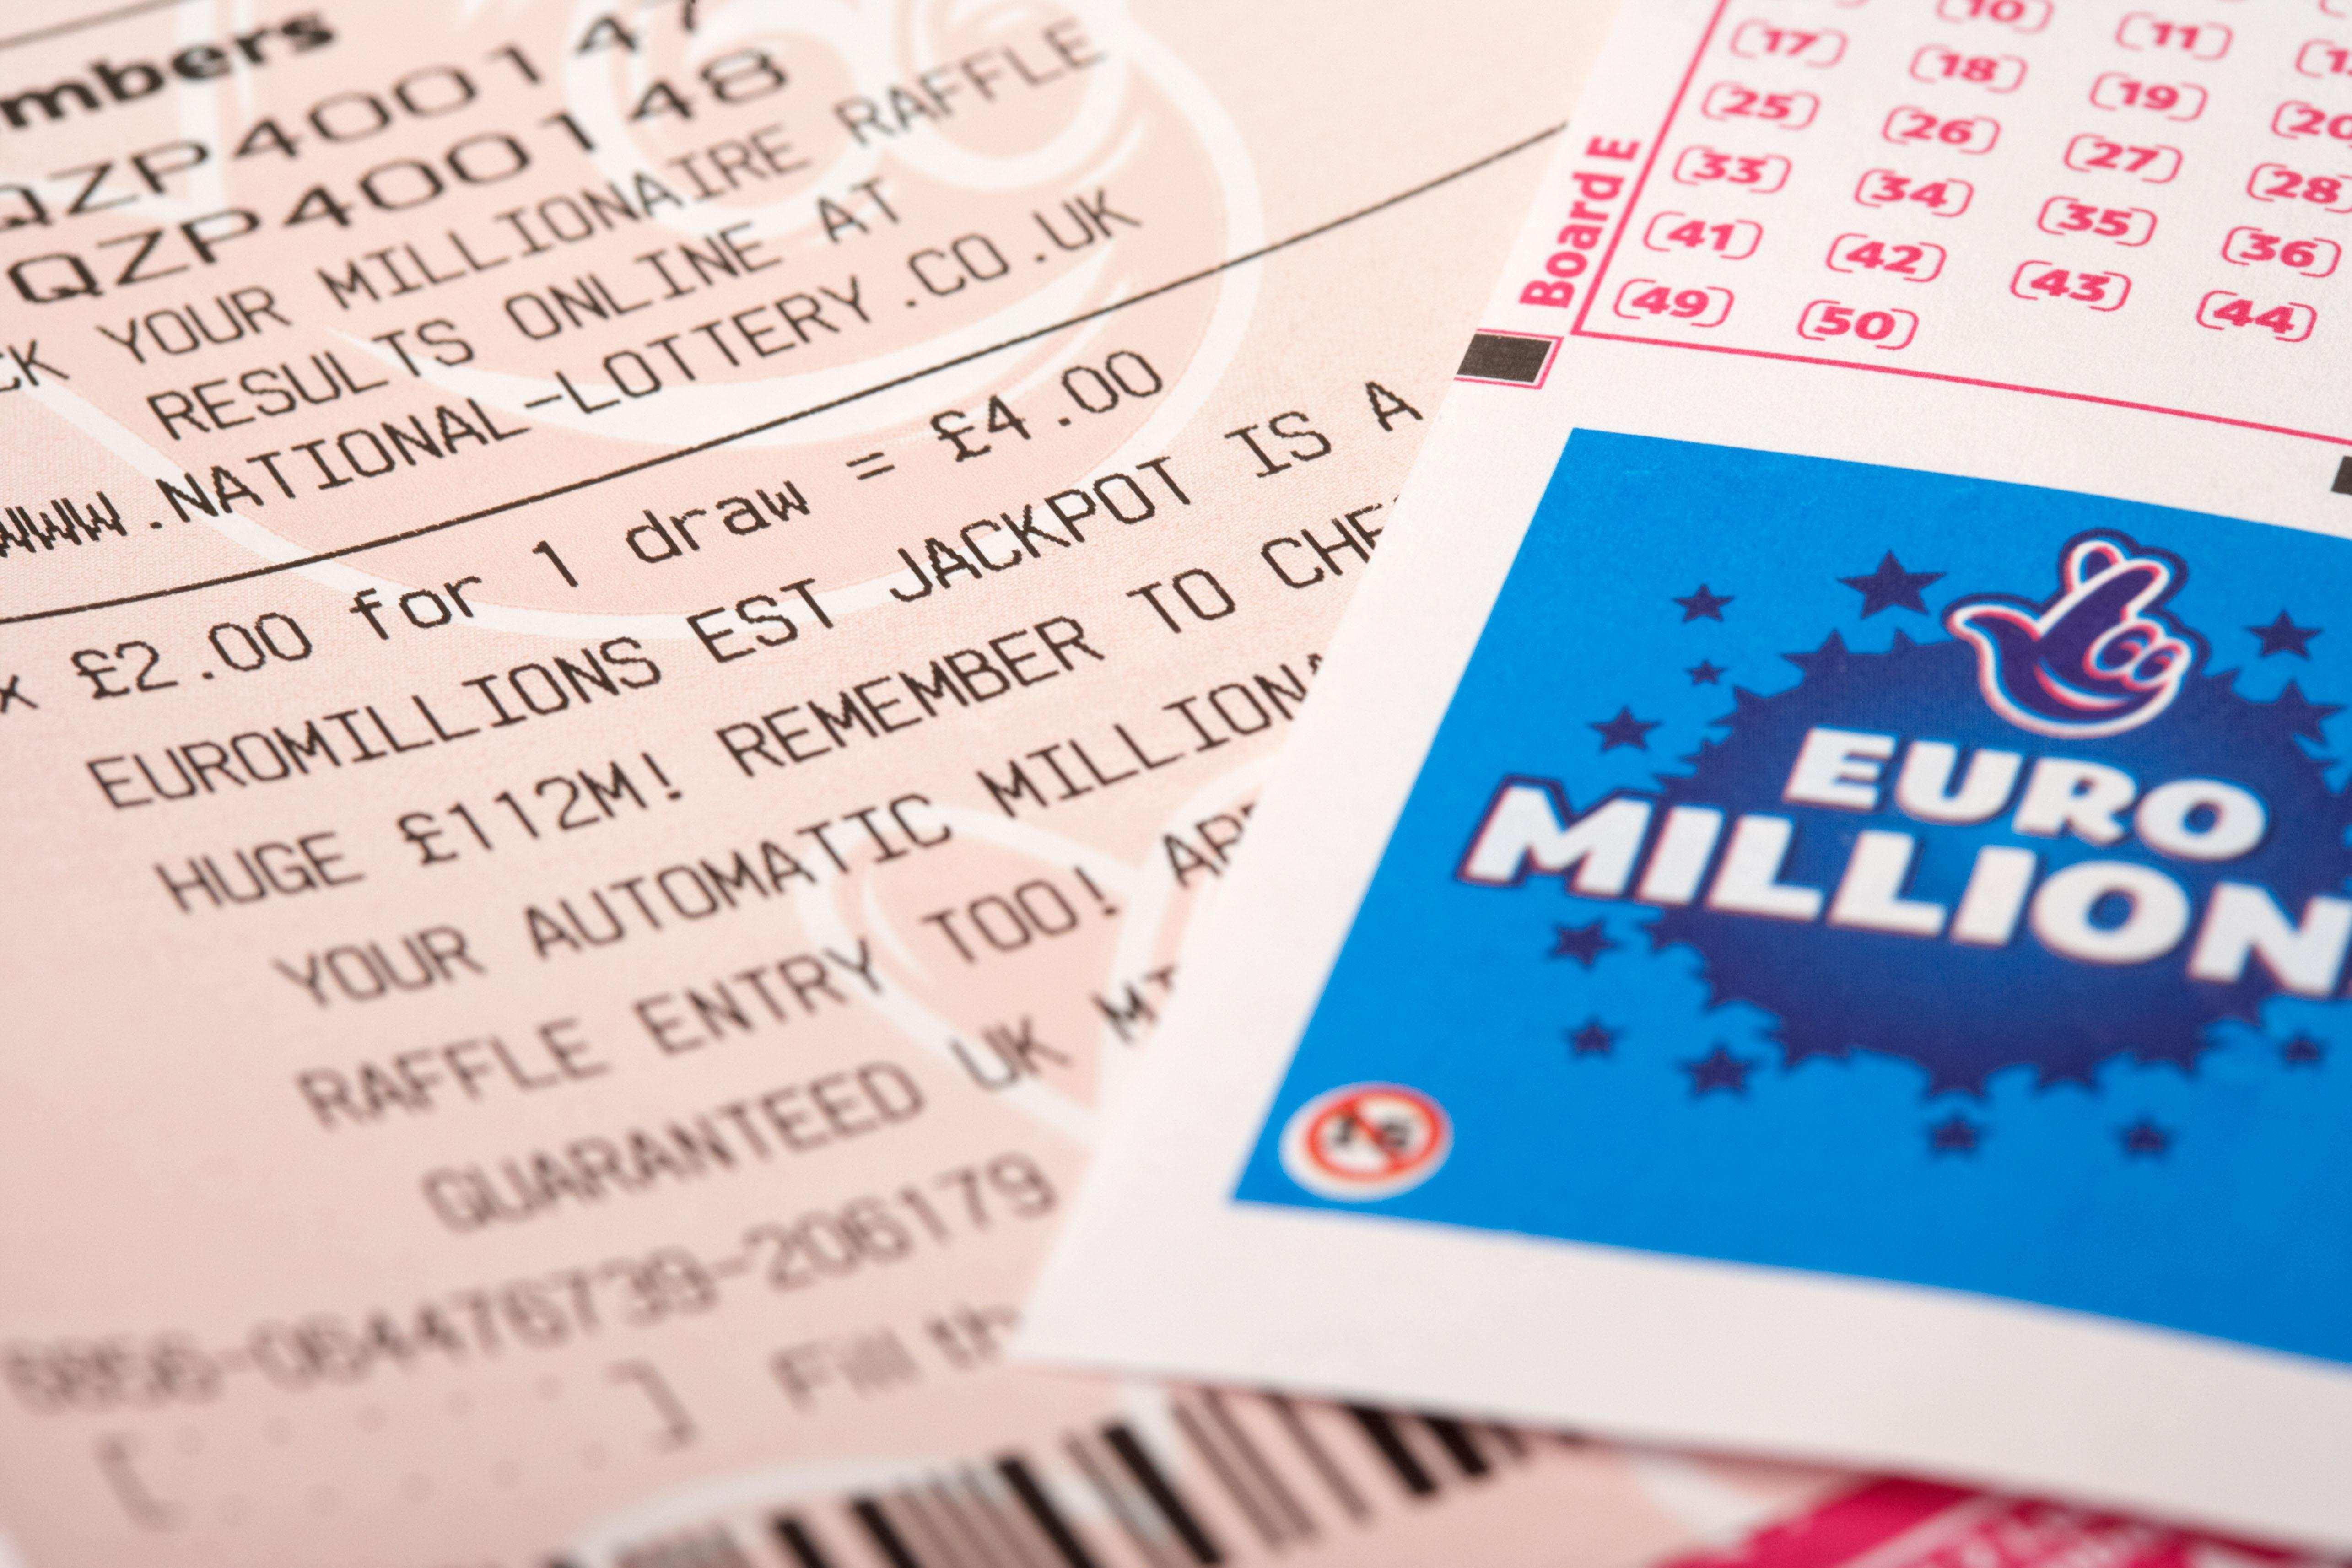 Как принять участие в лотерейной игре евромиллионс (euromillions) на территории рф   big lottos